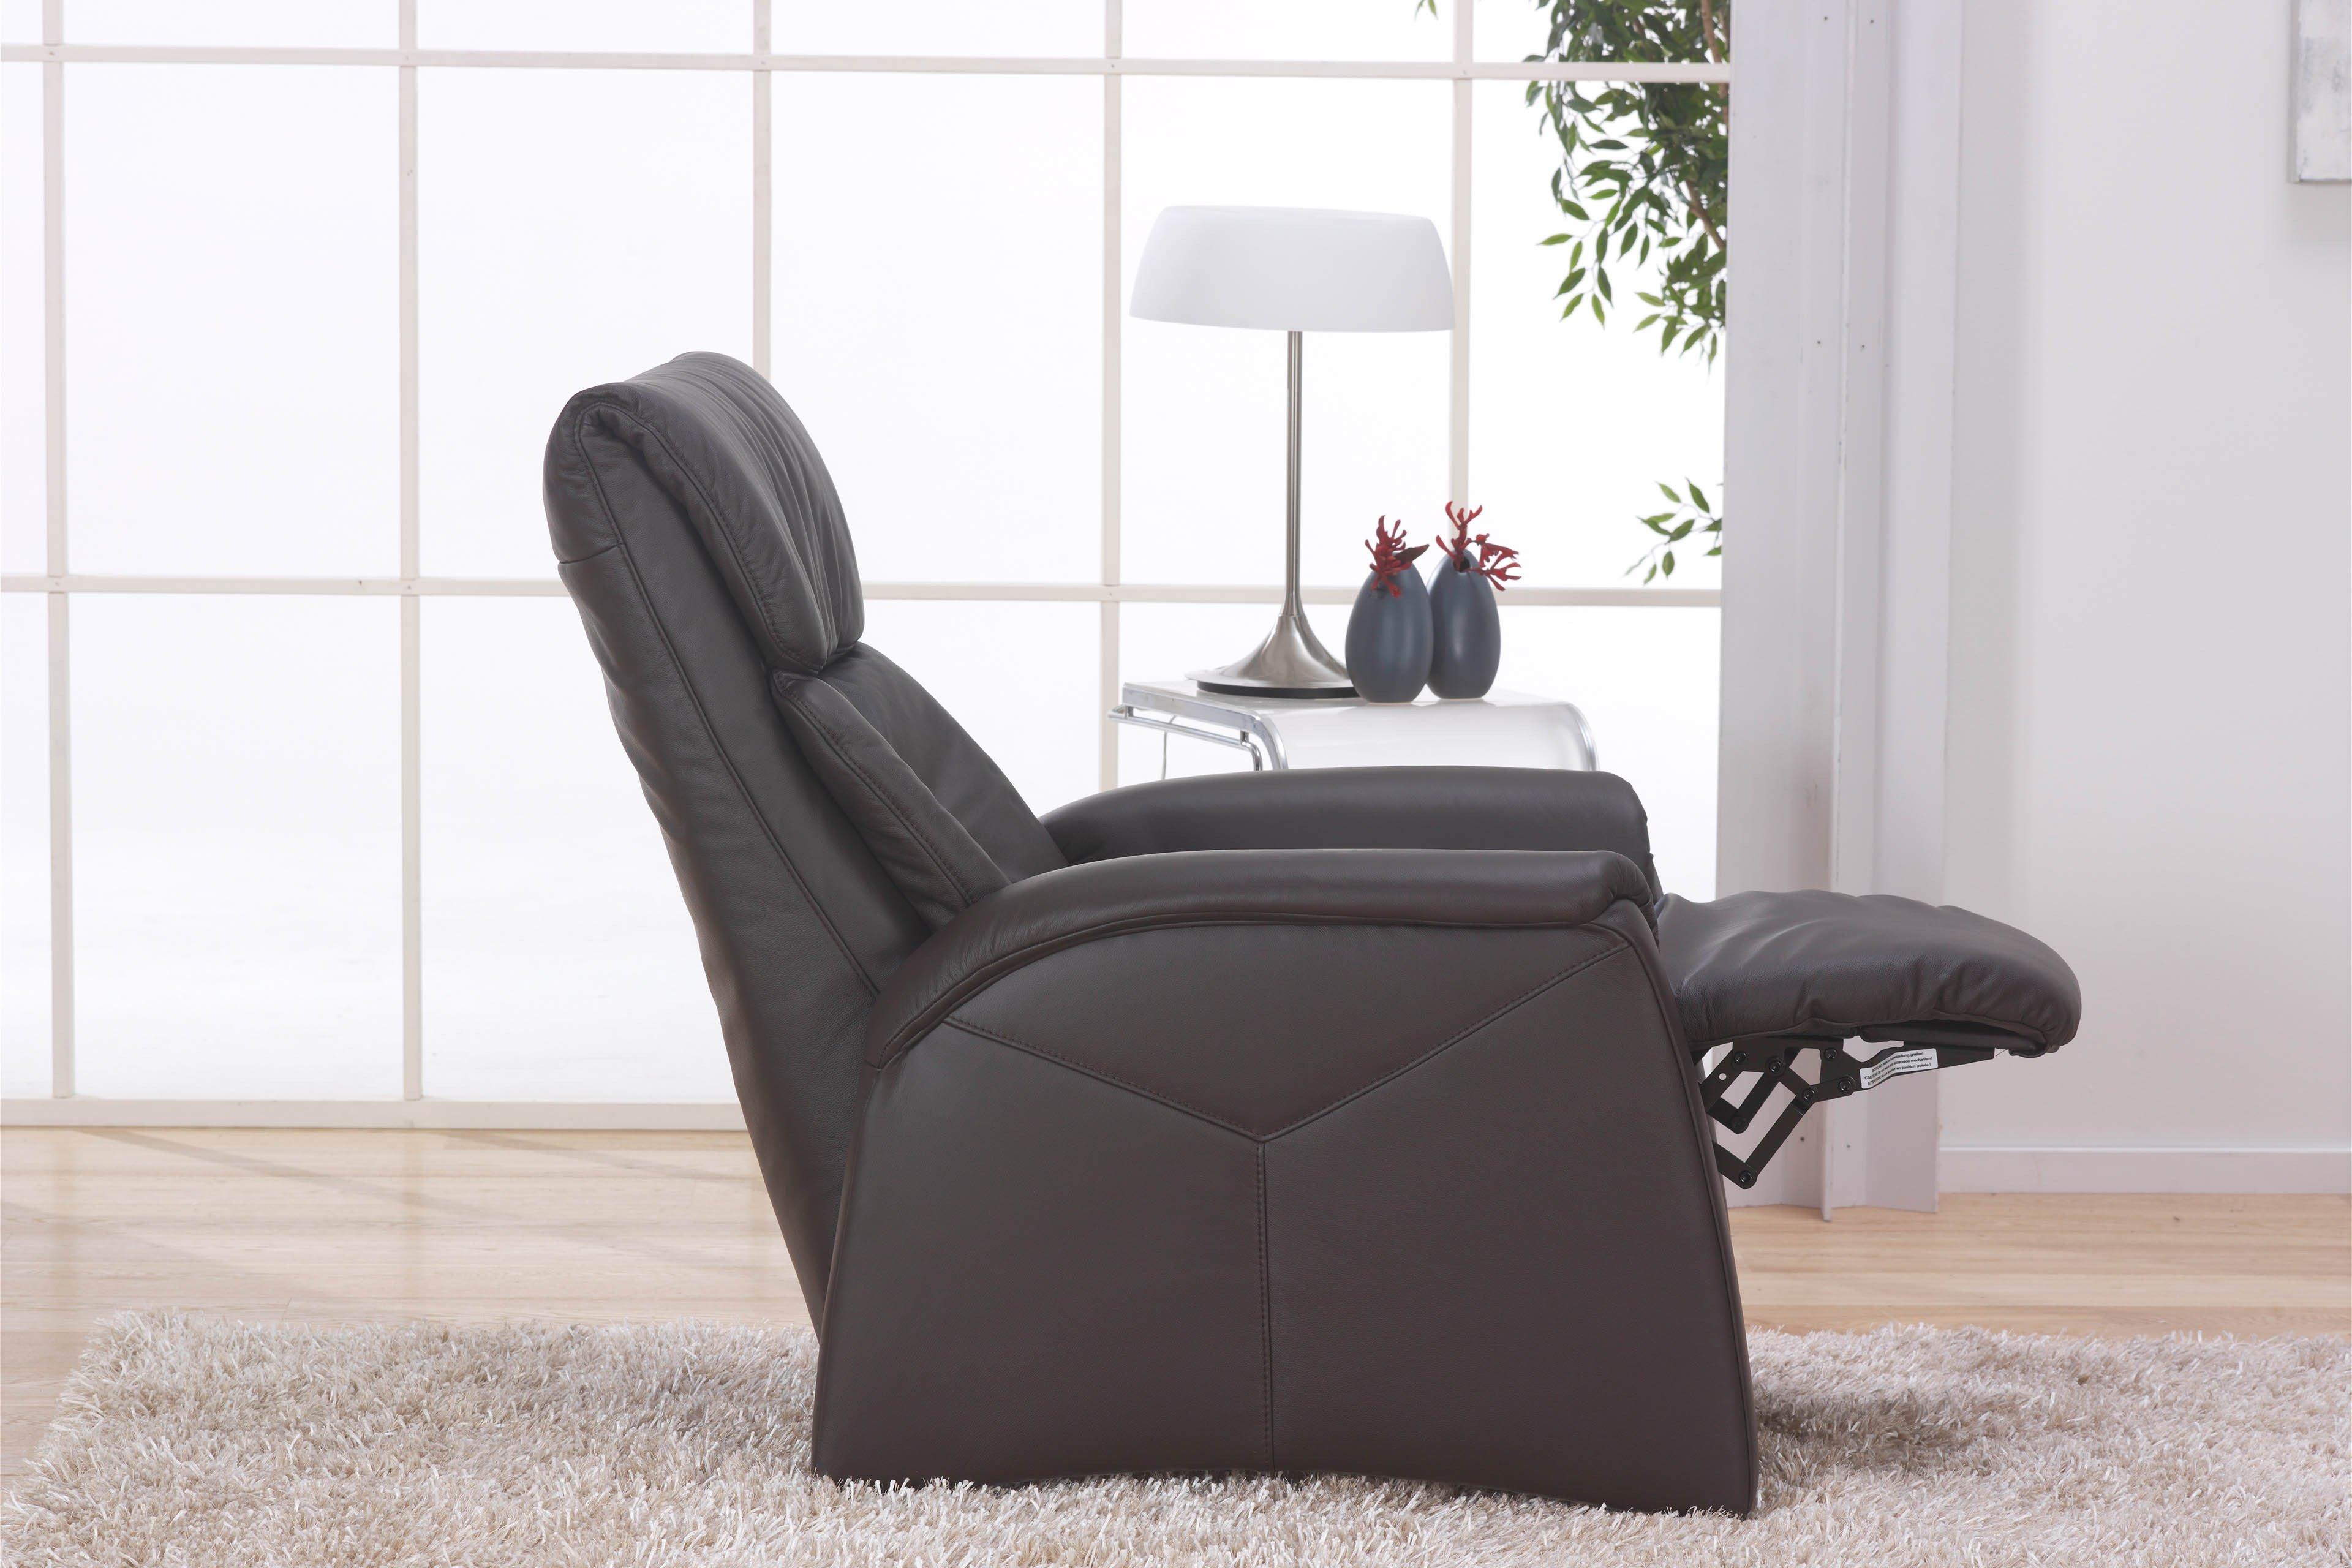 himolla 7978 funktionssessel braun m bel letz ihr online shop. Black Bedroom Furniture Sets. Home Design Ideas